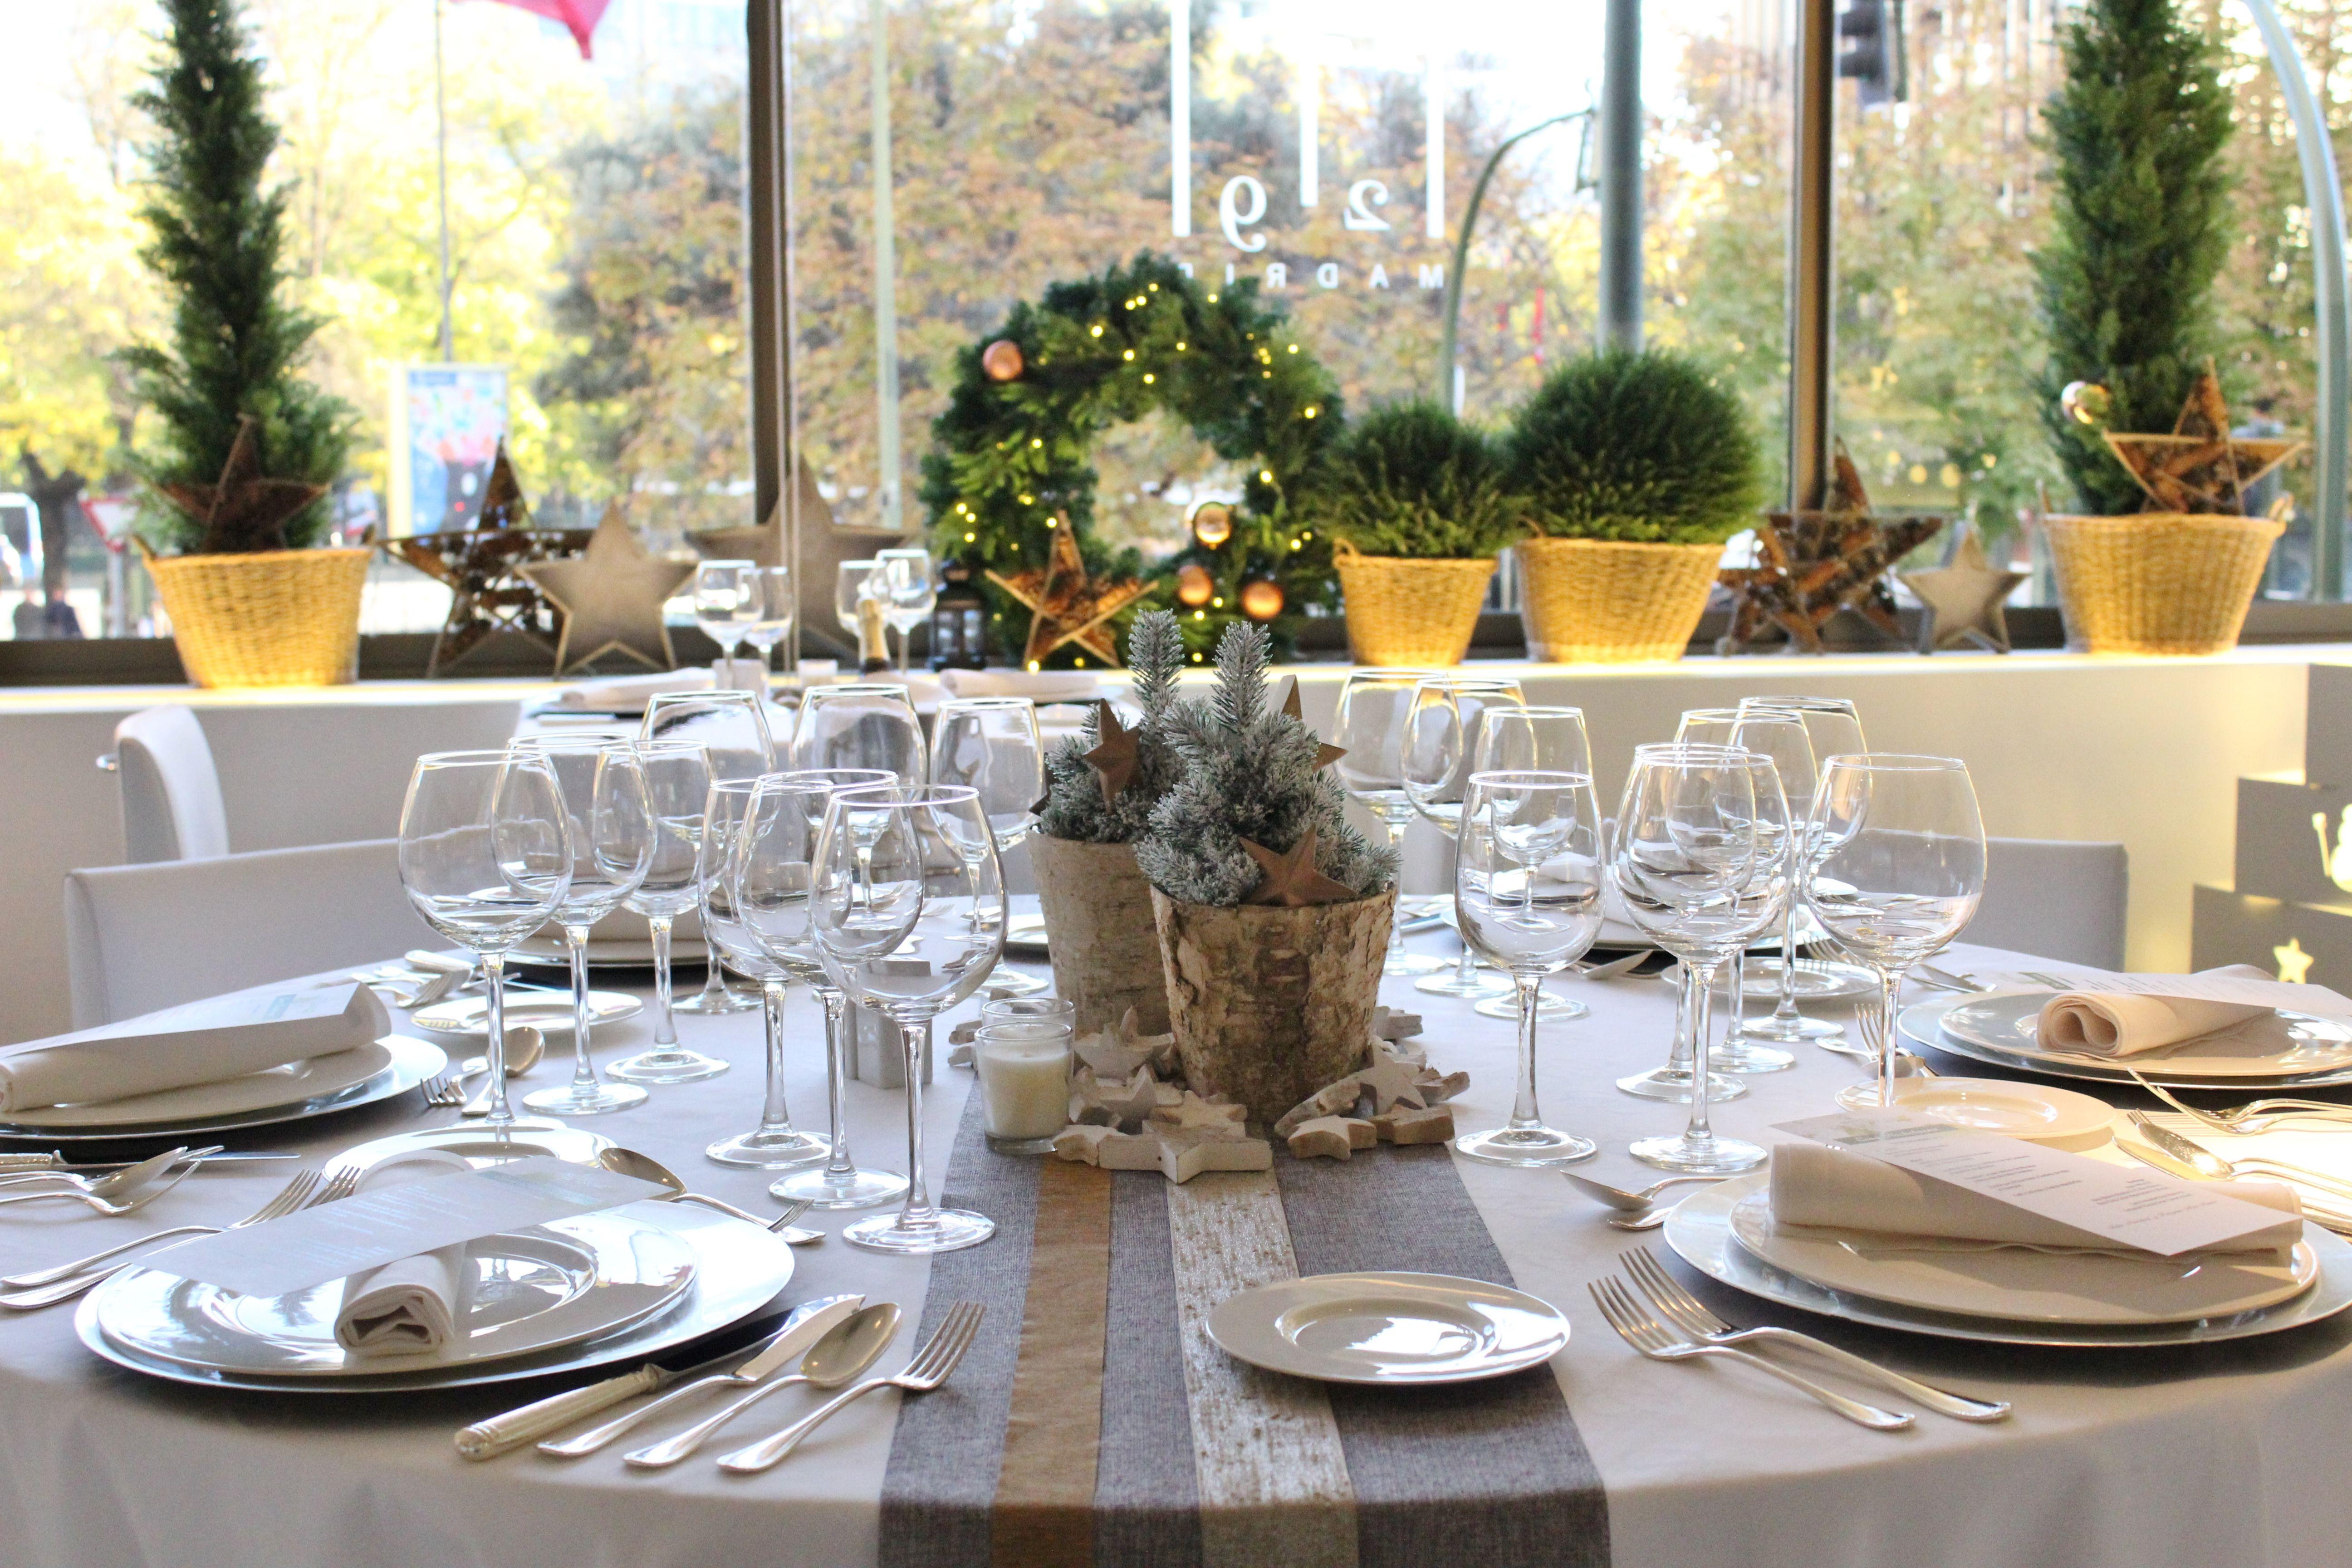 Decoración Nochebuena en RestauranteM29, en Hotel Miguel Angel. #decoración #navidad #hoteles #Madrid #restaurantes #mesas #protocolo